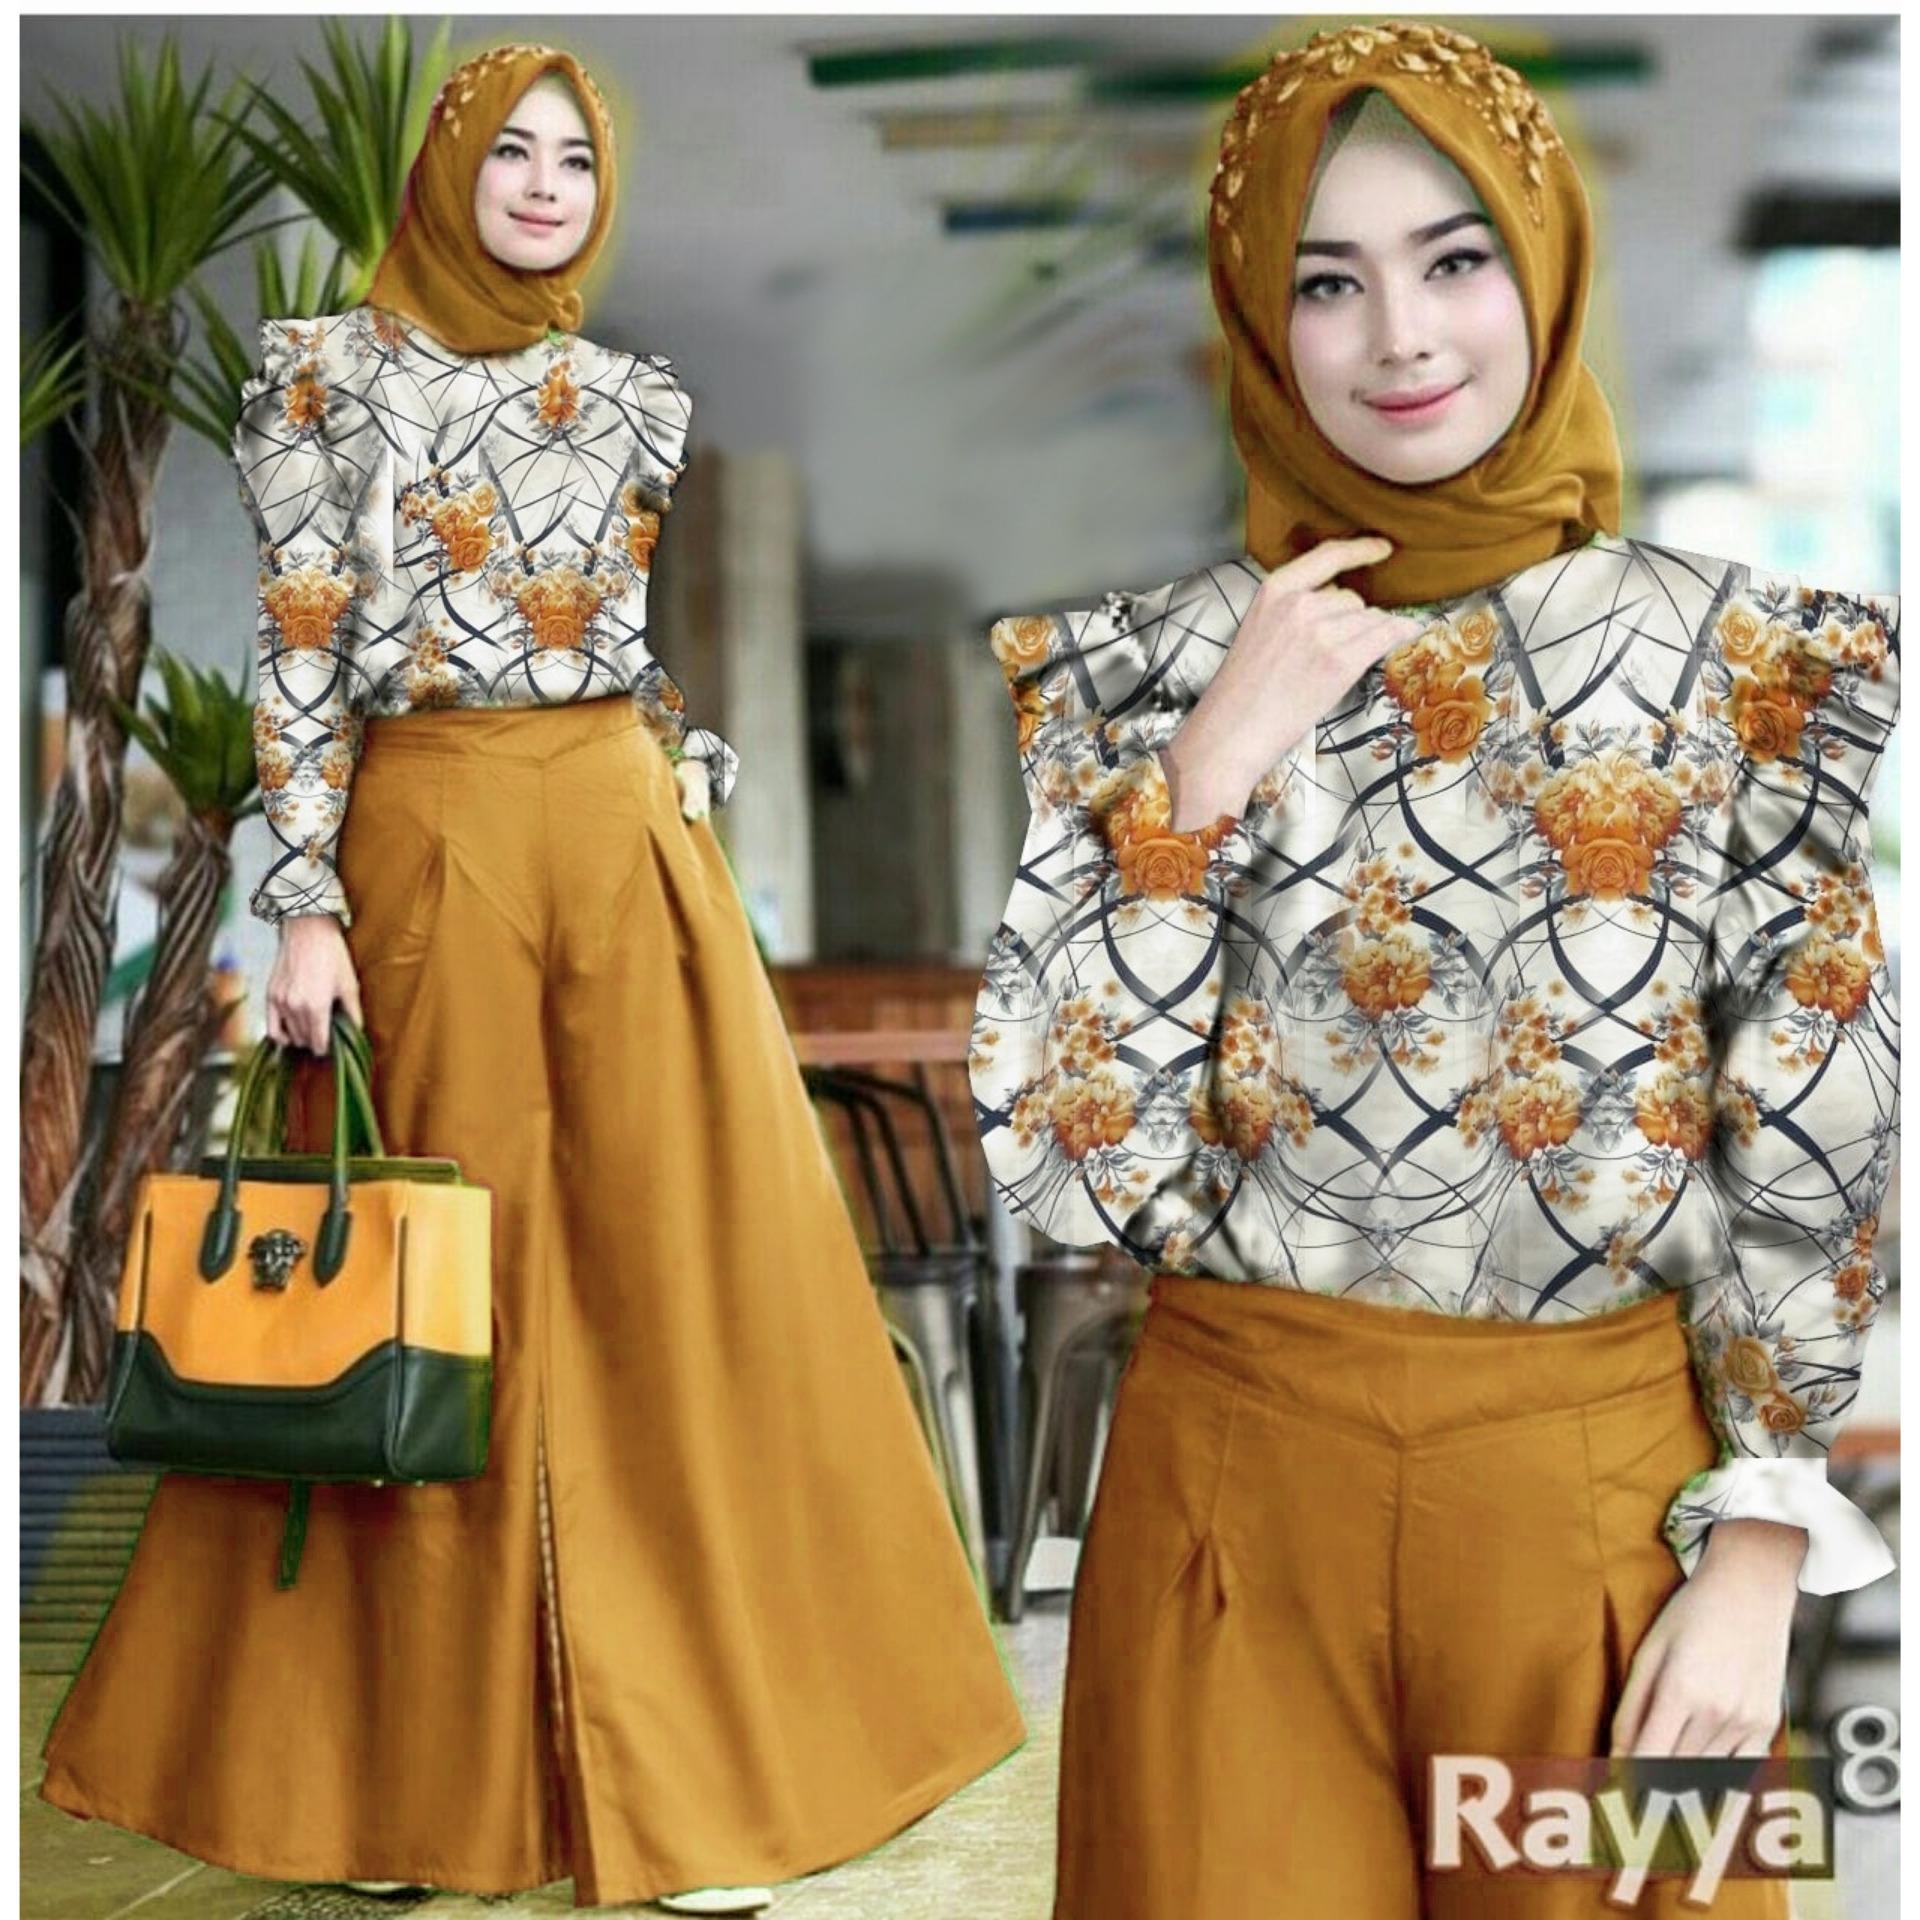 Baju Set Kulot Rayya   / Inner / Maxy Pinggang / Baju Wanita / Blouse Korea / Atasan Wanita / Baju